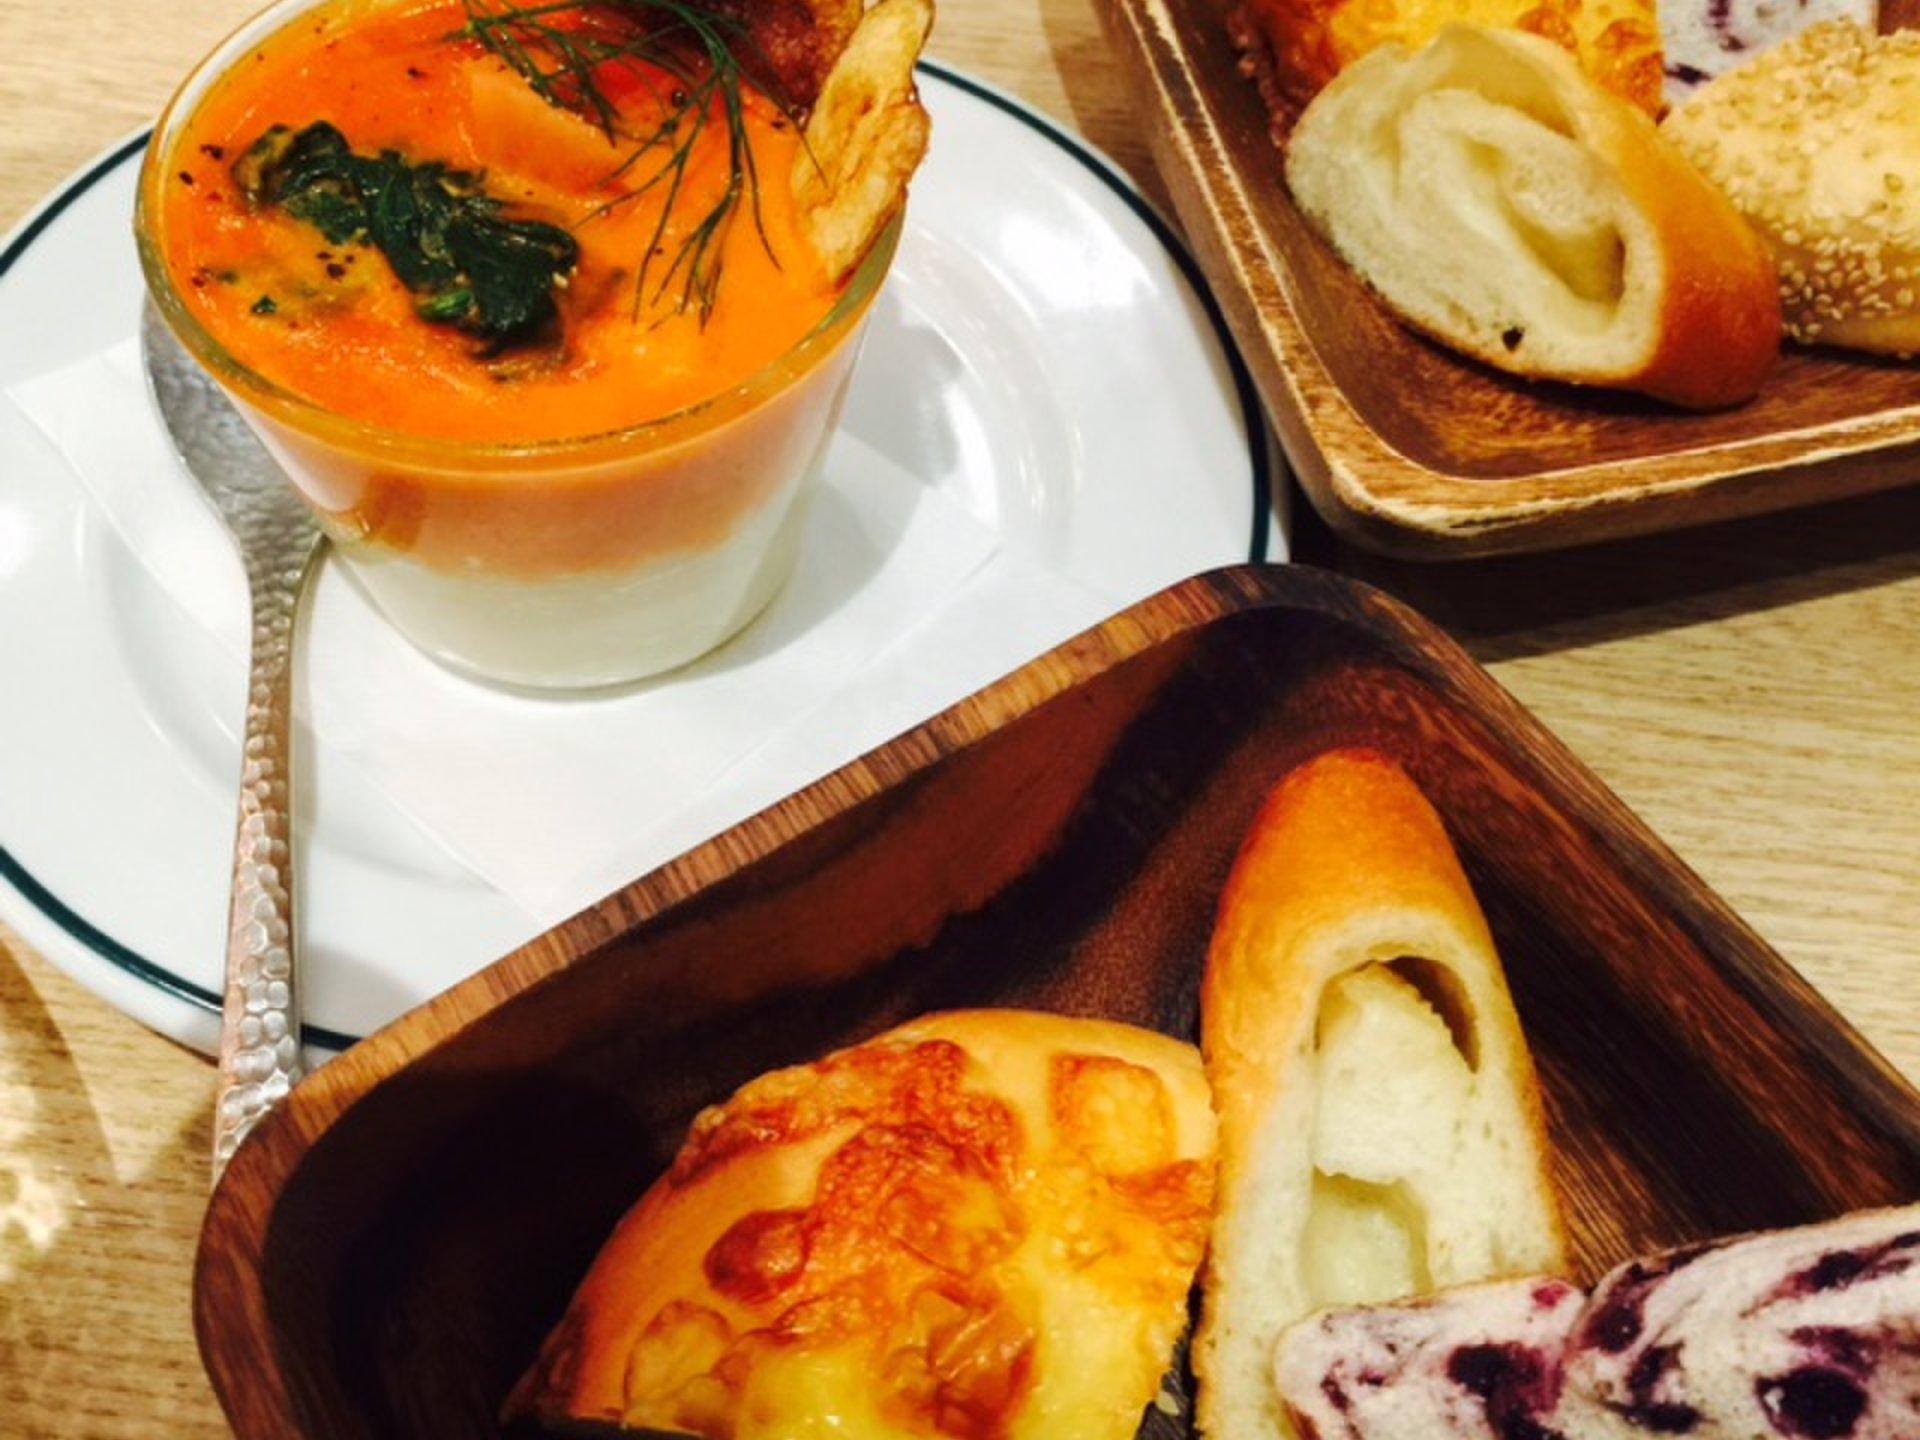 【コクーンシティ さいたま新都】北海道の安心・安全な食材料理が揃うカフェベーカリー